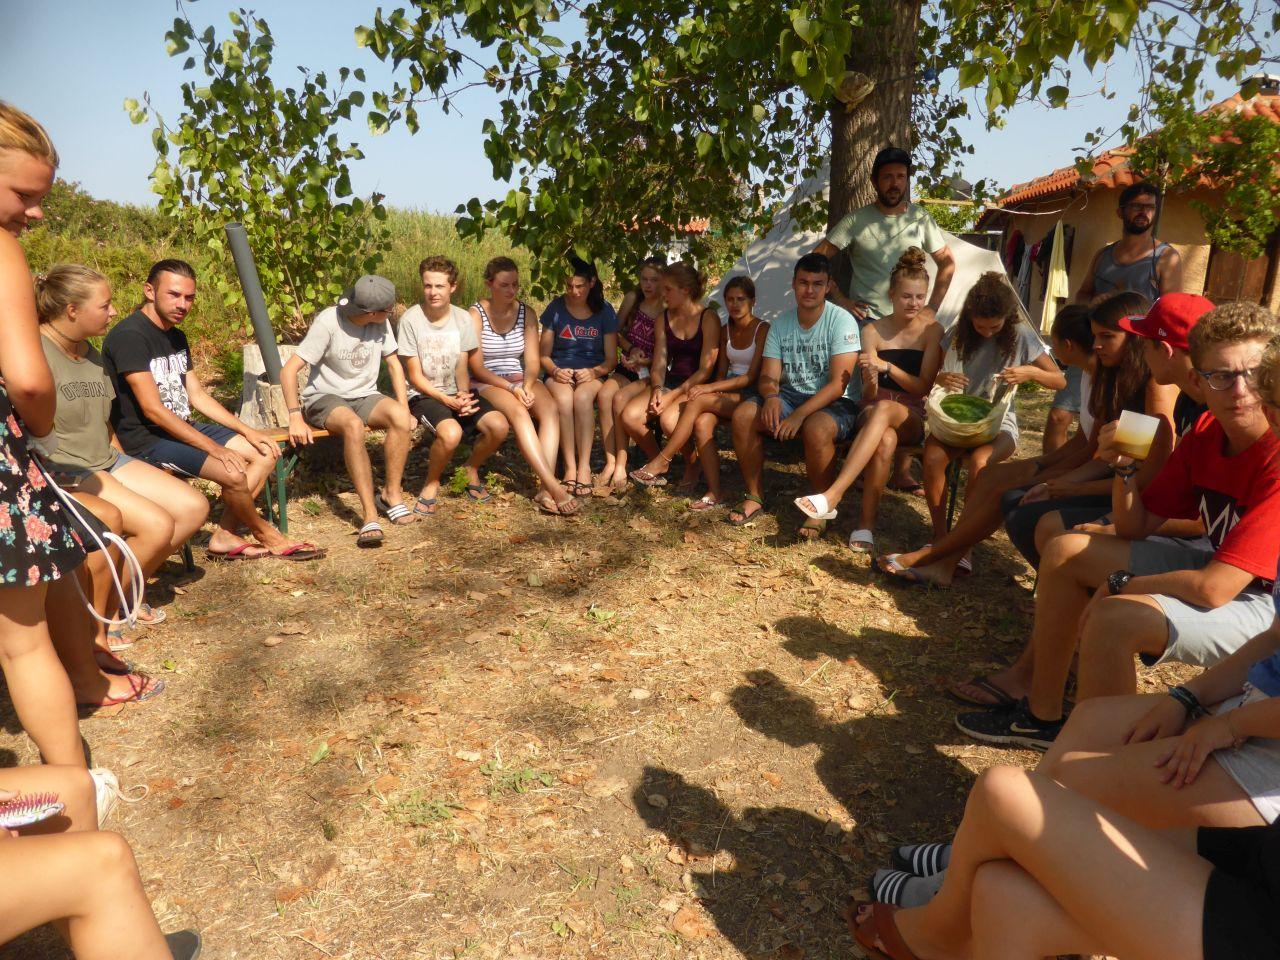 Griechenland_Camp_Foefe_Bild_17